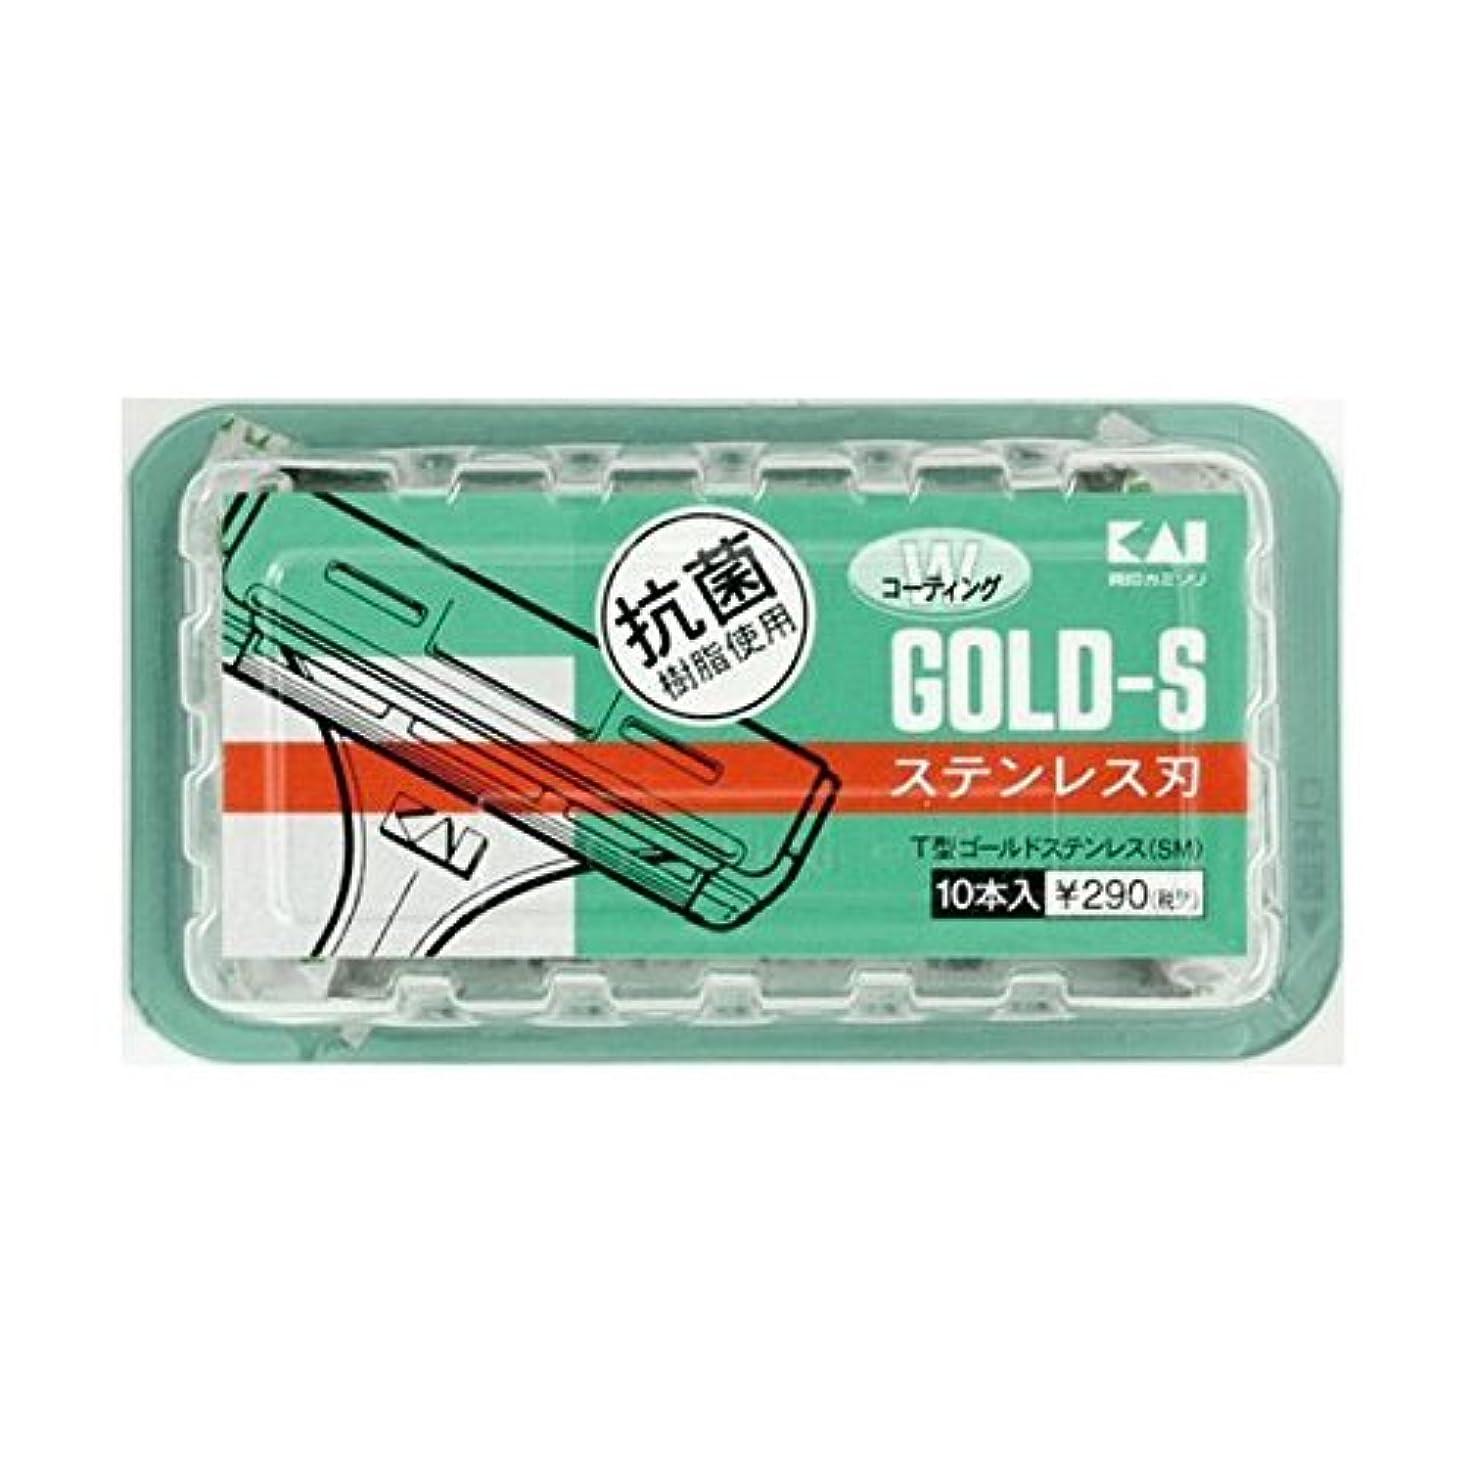 スロベニア万歳すり減る貝印 (業務用20セット) T型ゴールドステンレスSM10本